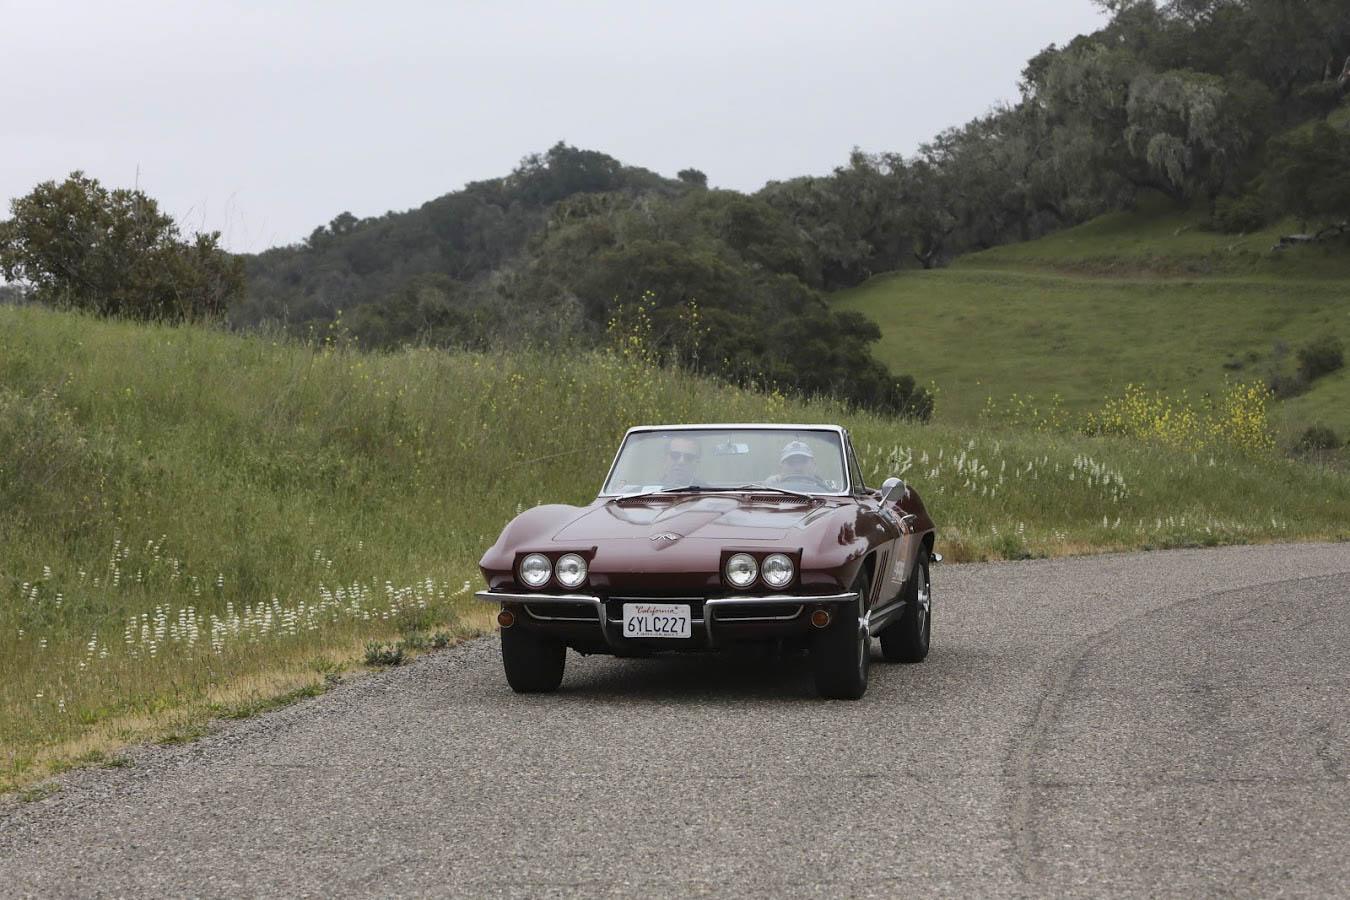 1965 Chevrolet Corvette driving